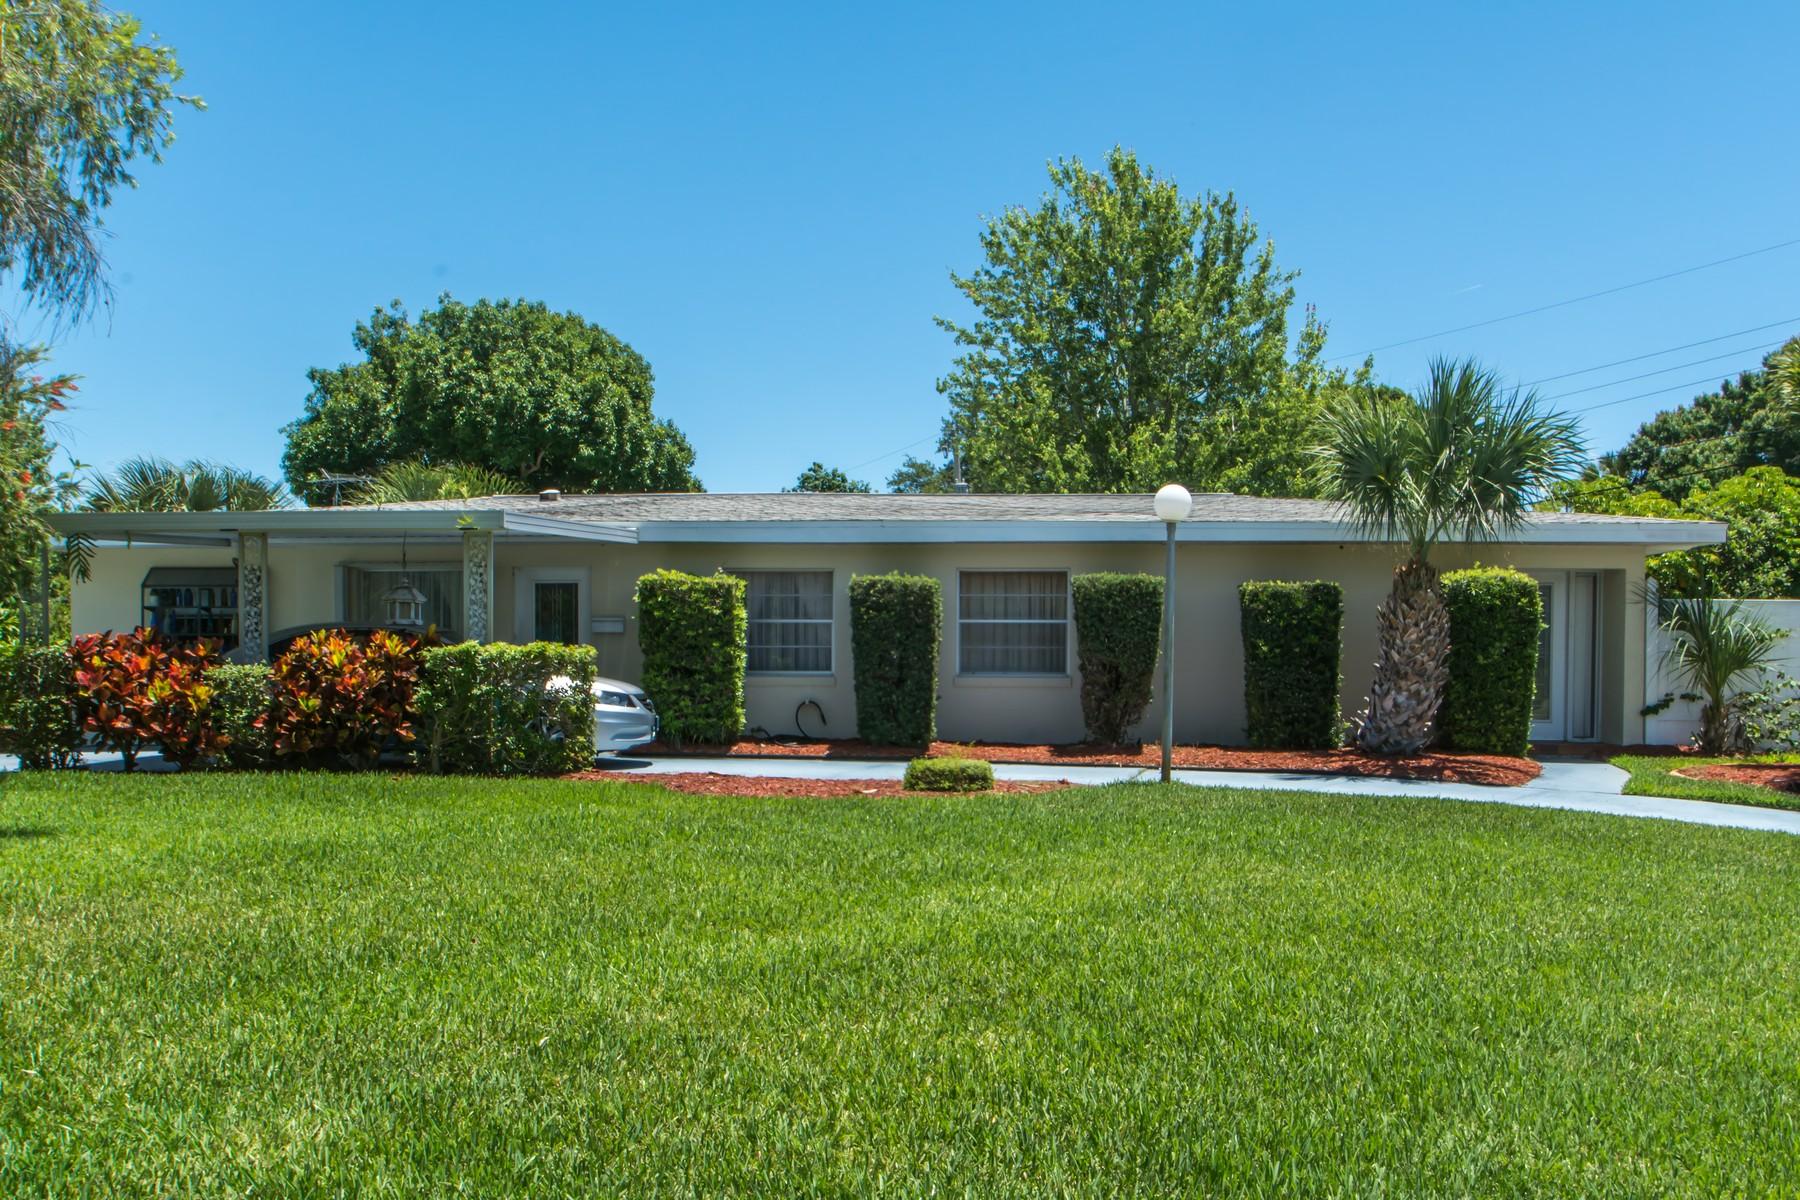 Maison unifamiliale pour l Vente à 343 Patrick Circle Melbourne, Florida, 32901 États-Unis